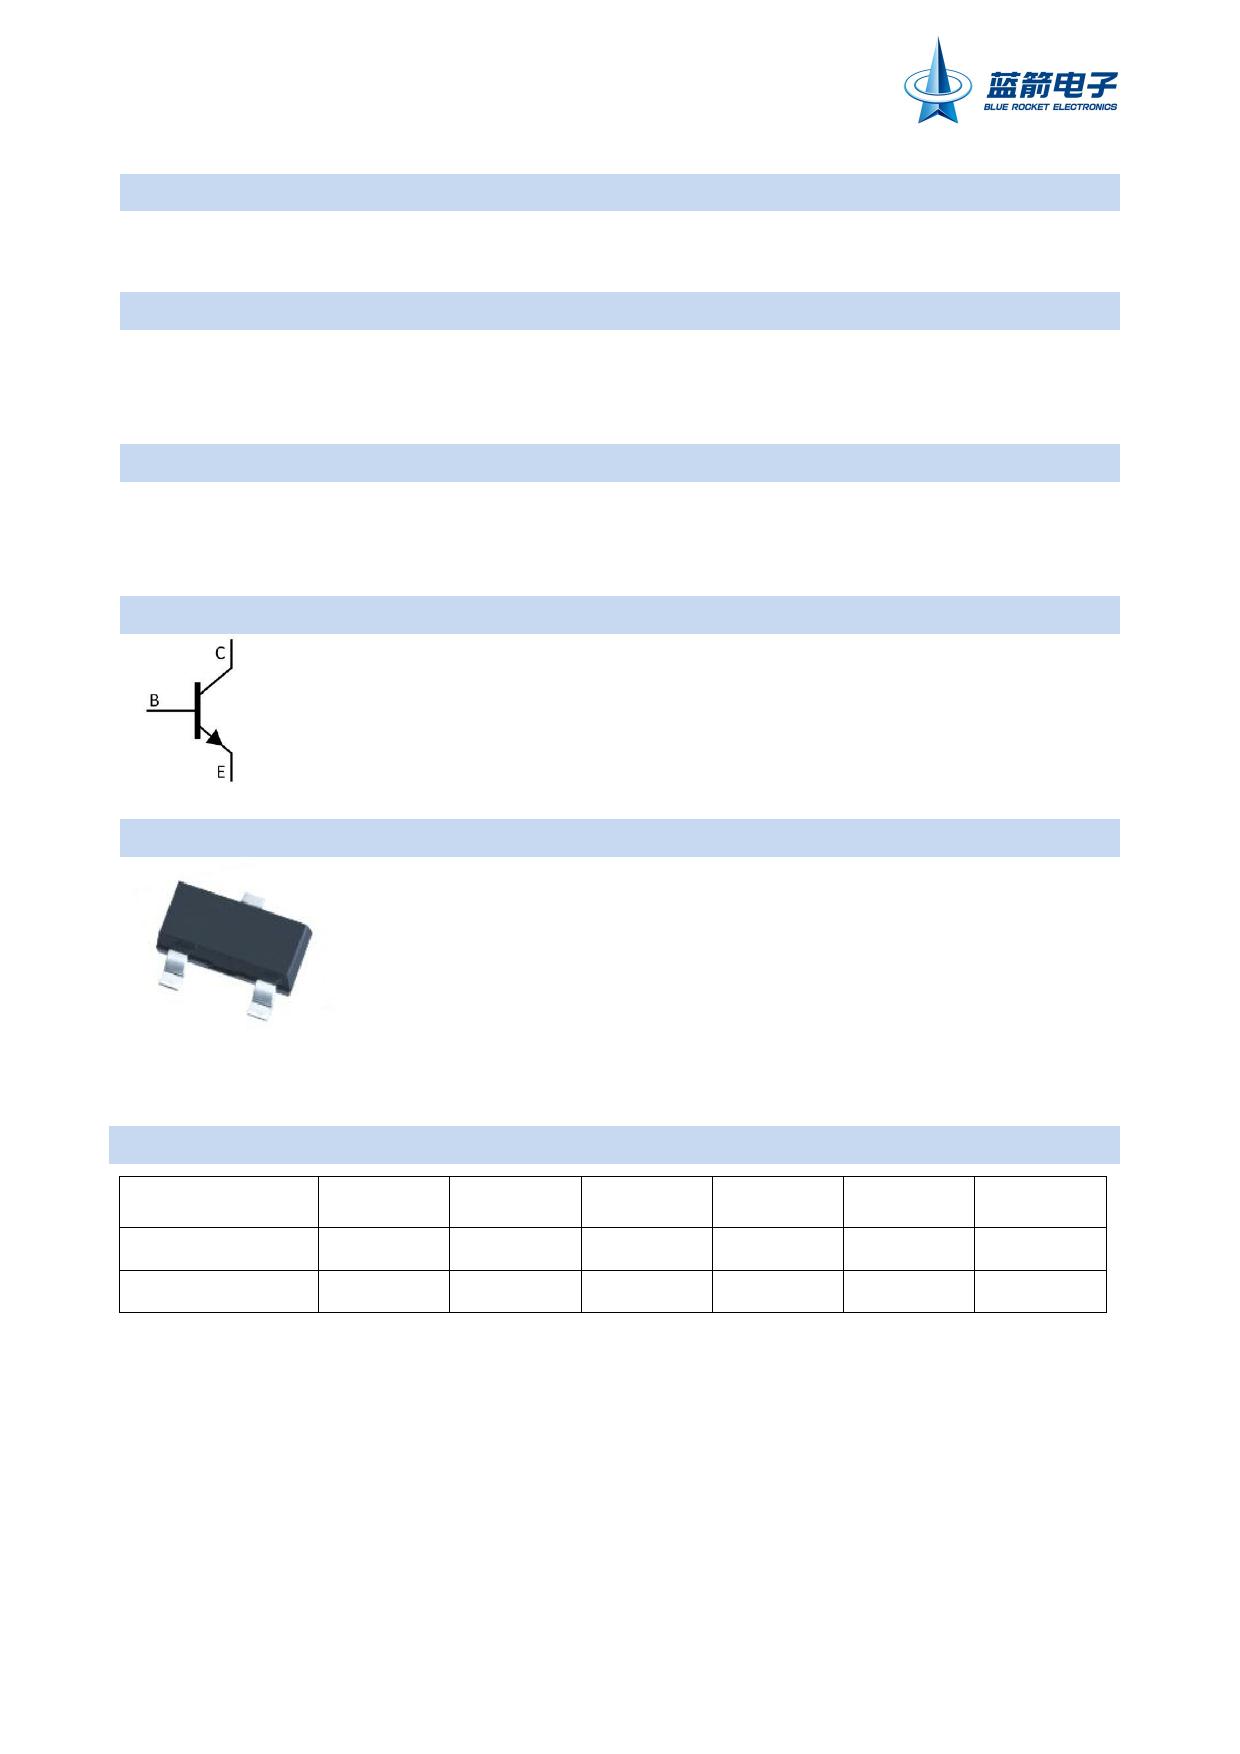 9011M datasheet